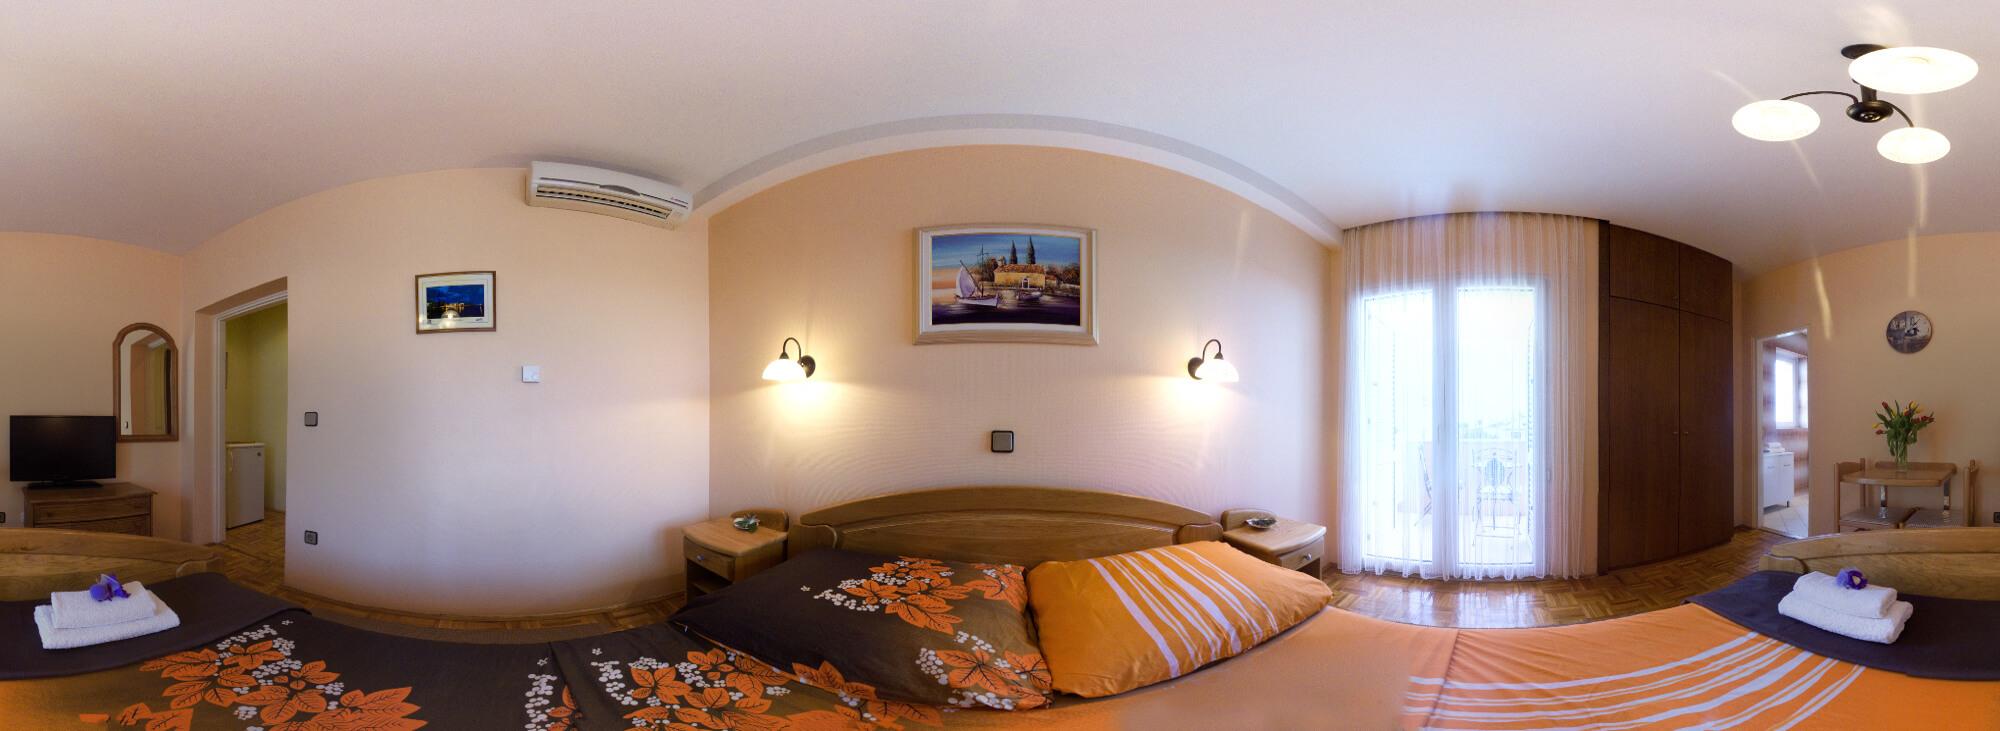 room 4-360